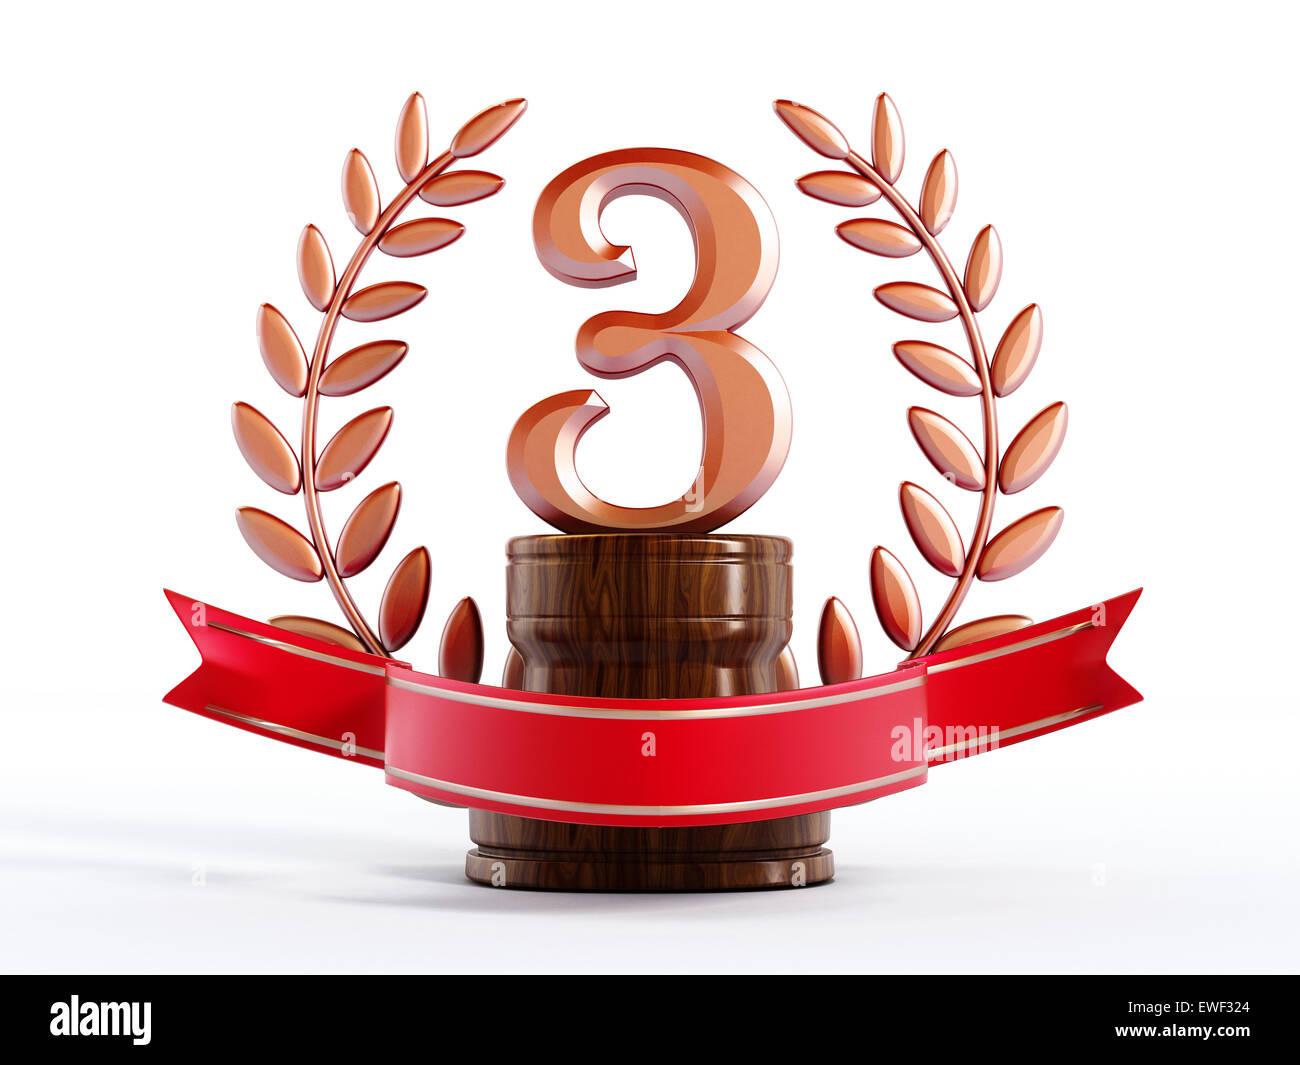 Il bronzo terzo primo premio Trofeo isolati su sfondo bianco Immagini Stock